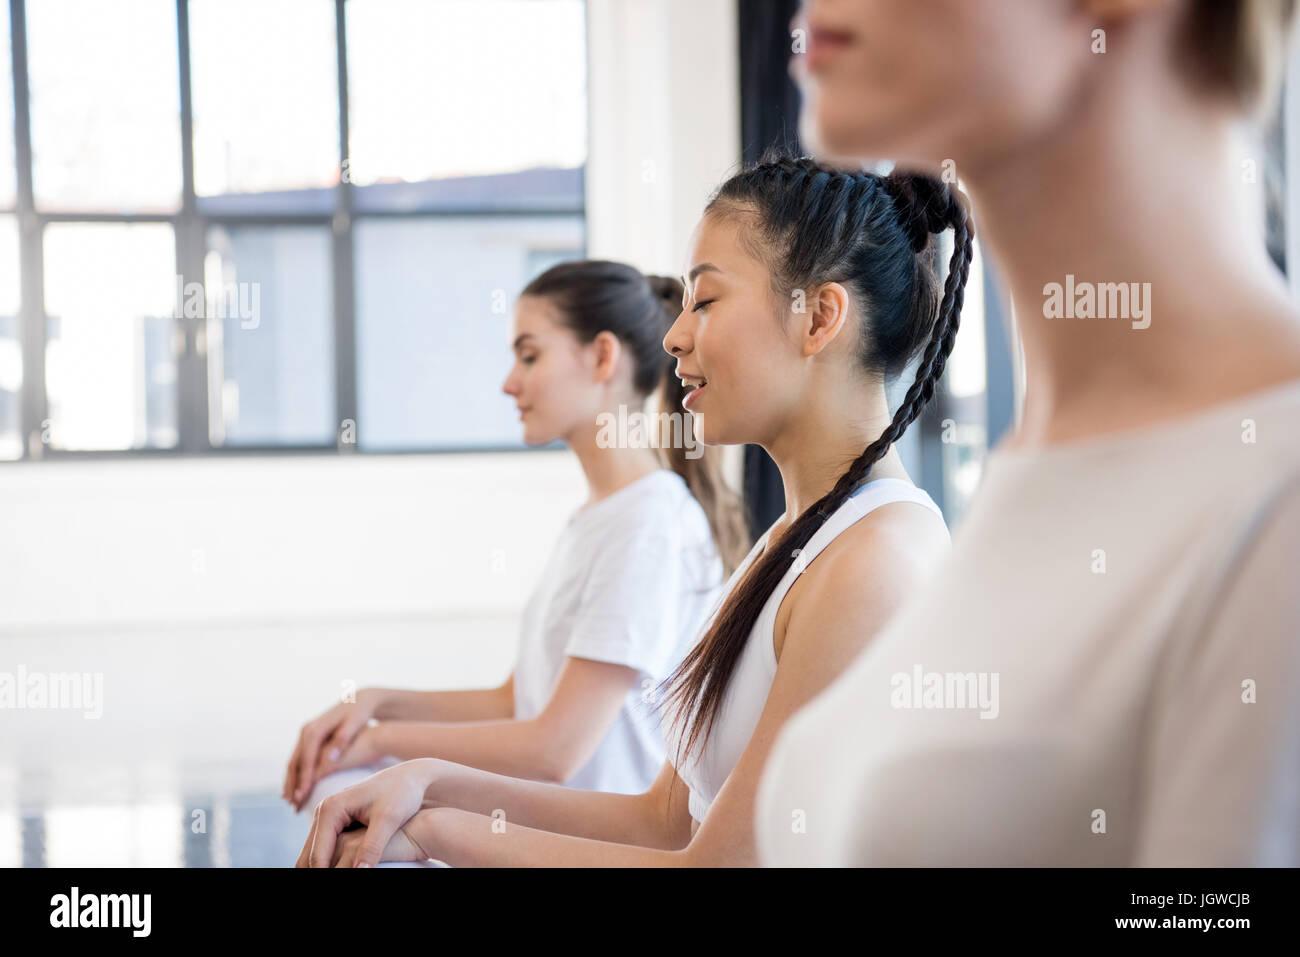 Vista laterale di giovani donne in sportswear meditando a lezione di yoga Immagini Stock